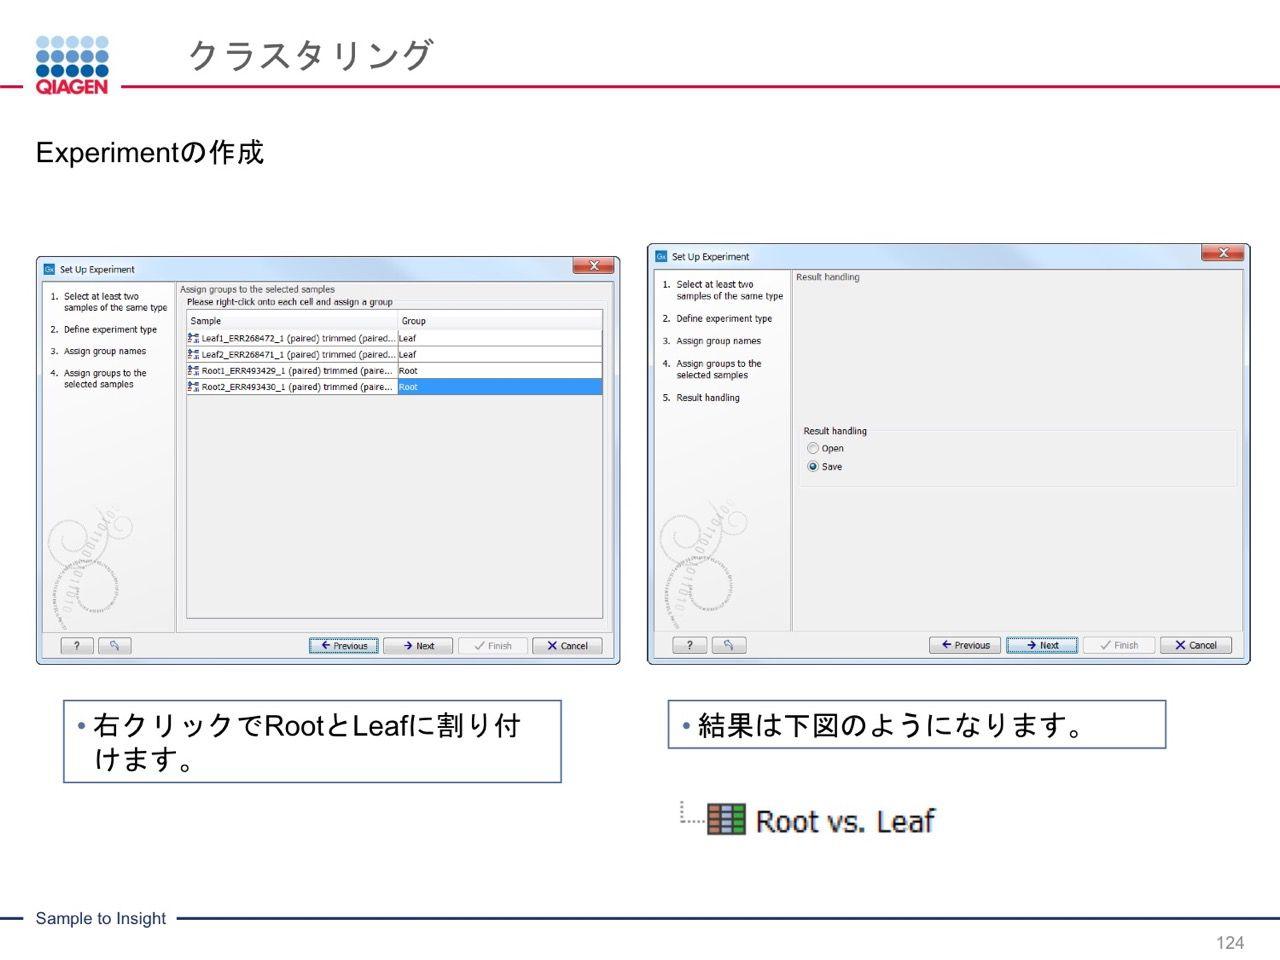 images/AJACSa2_miyamoto_124.jpg